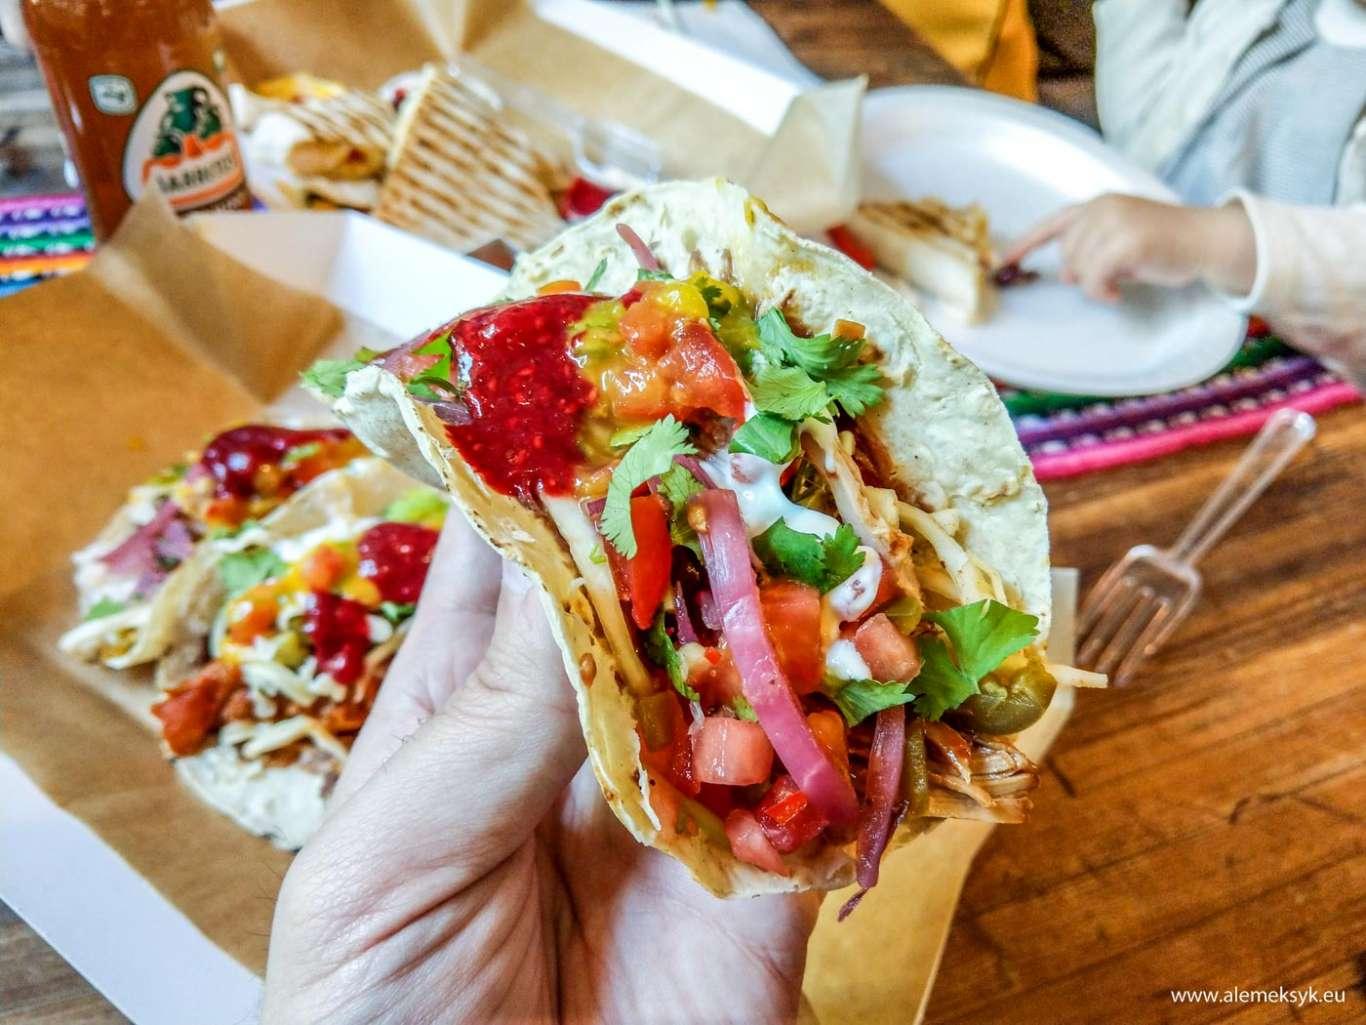 Niezły Meksyk - porządna i smaczna kuchnia meksykańska w Poznaniu